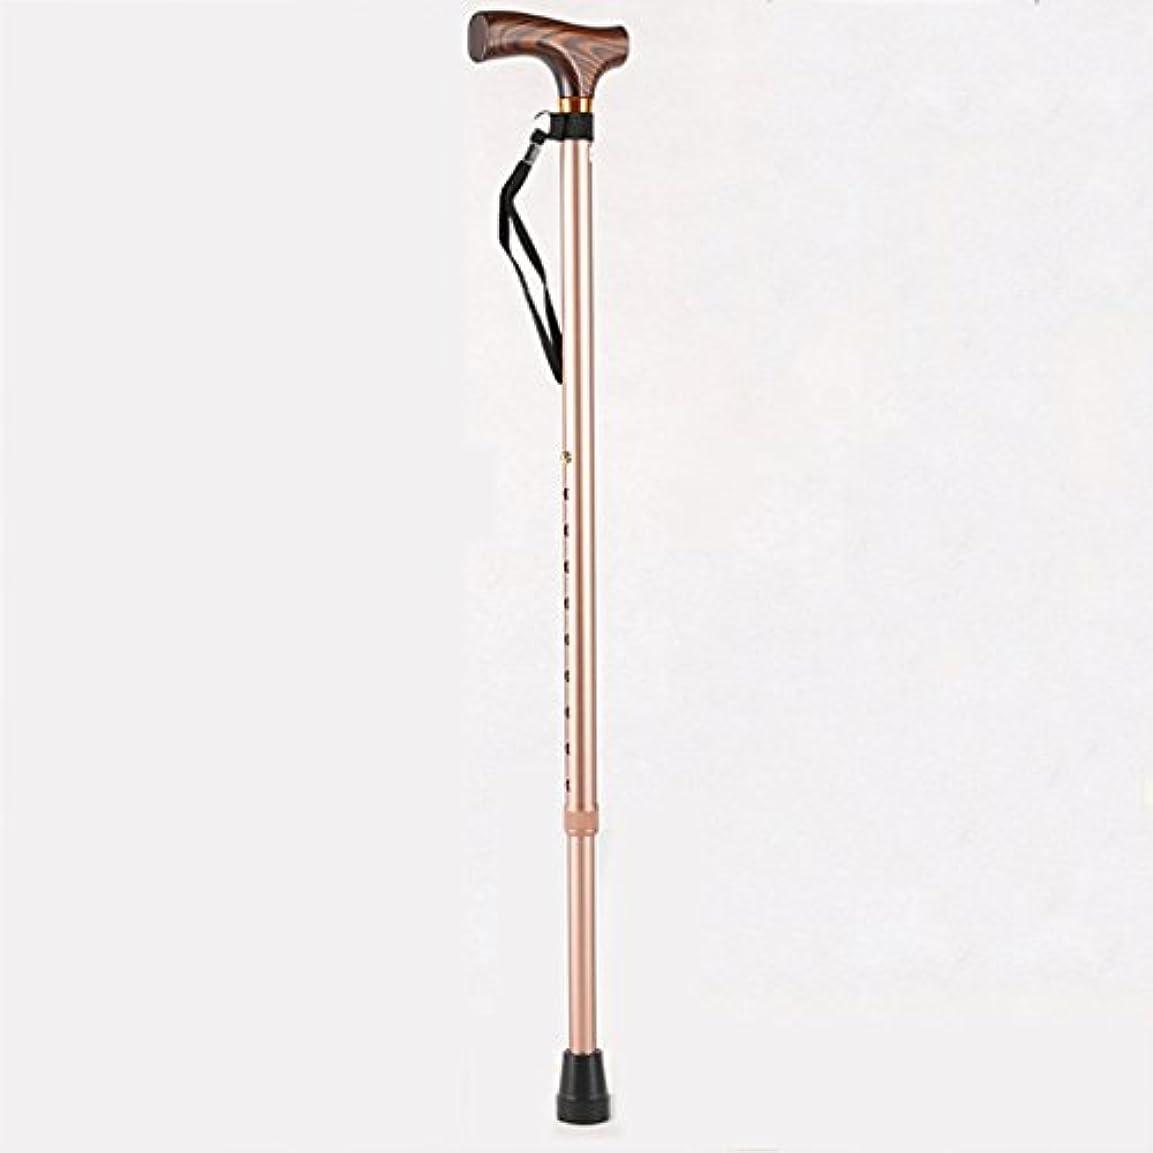 大西洋適切な描く老人ウォーキングスティック伸縮式高さ調整杖ノンスリップ超軽量アルミ合金クラッチホルダートレッキングポール(黒、茶色) (色 : Brown)